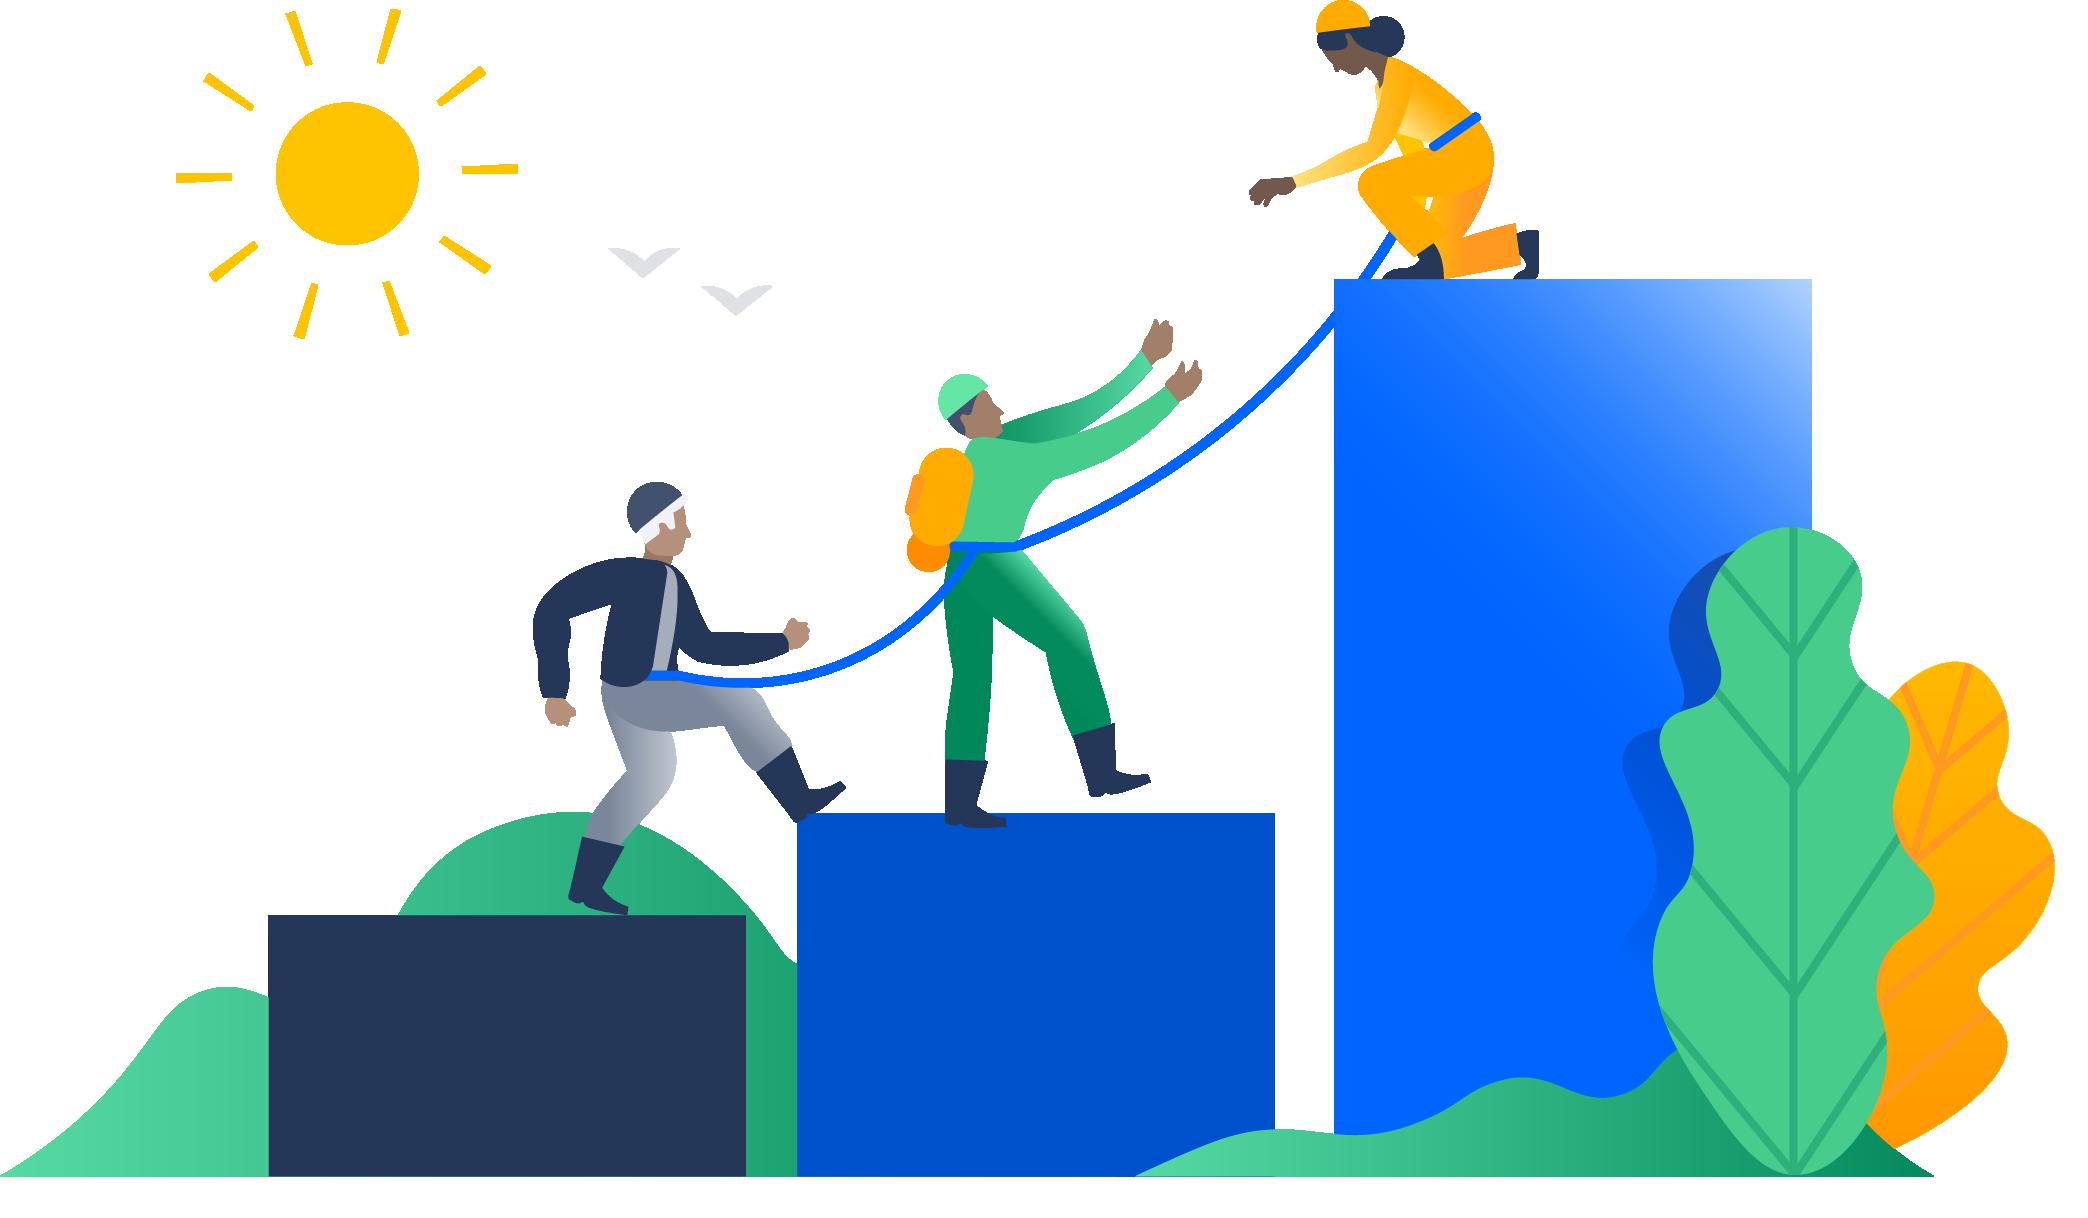 Ilustração de uma equipe escalando um gráfico de barras